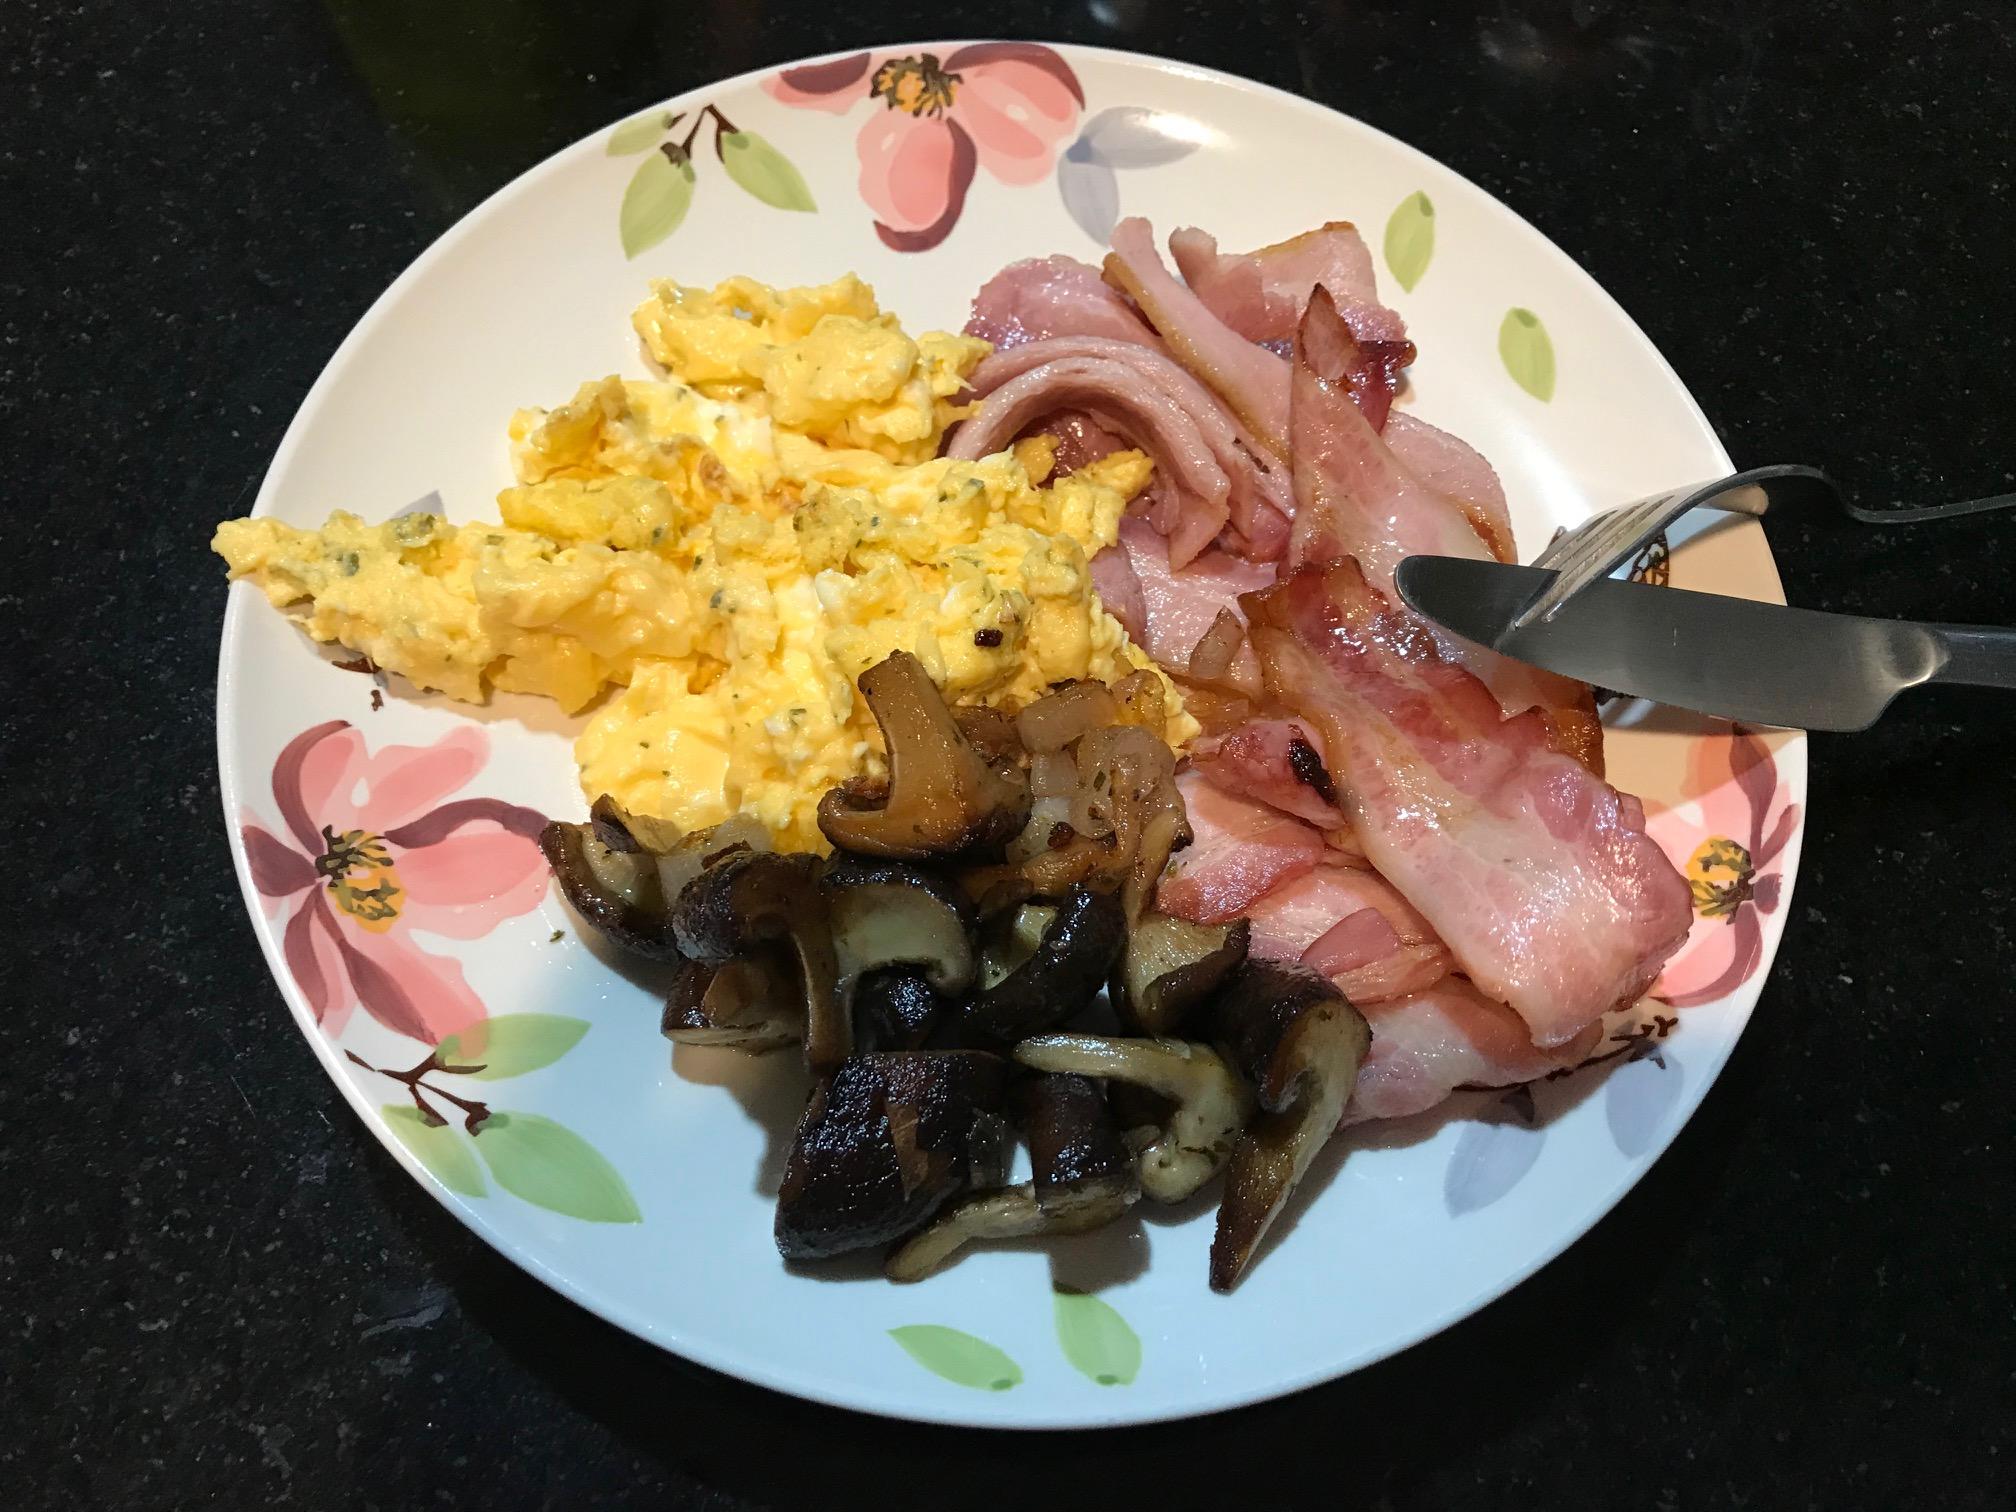 Breakfast-img_7390-jpg